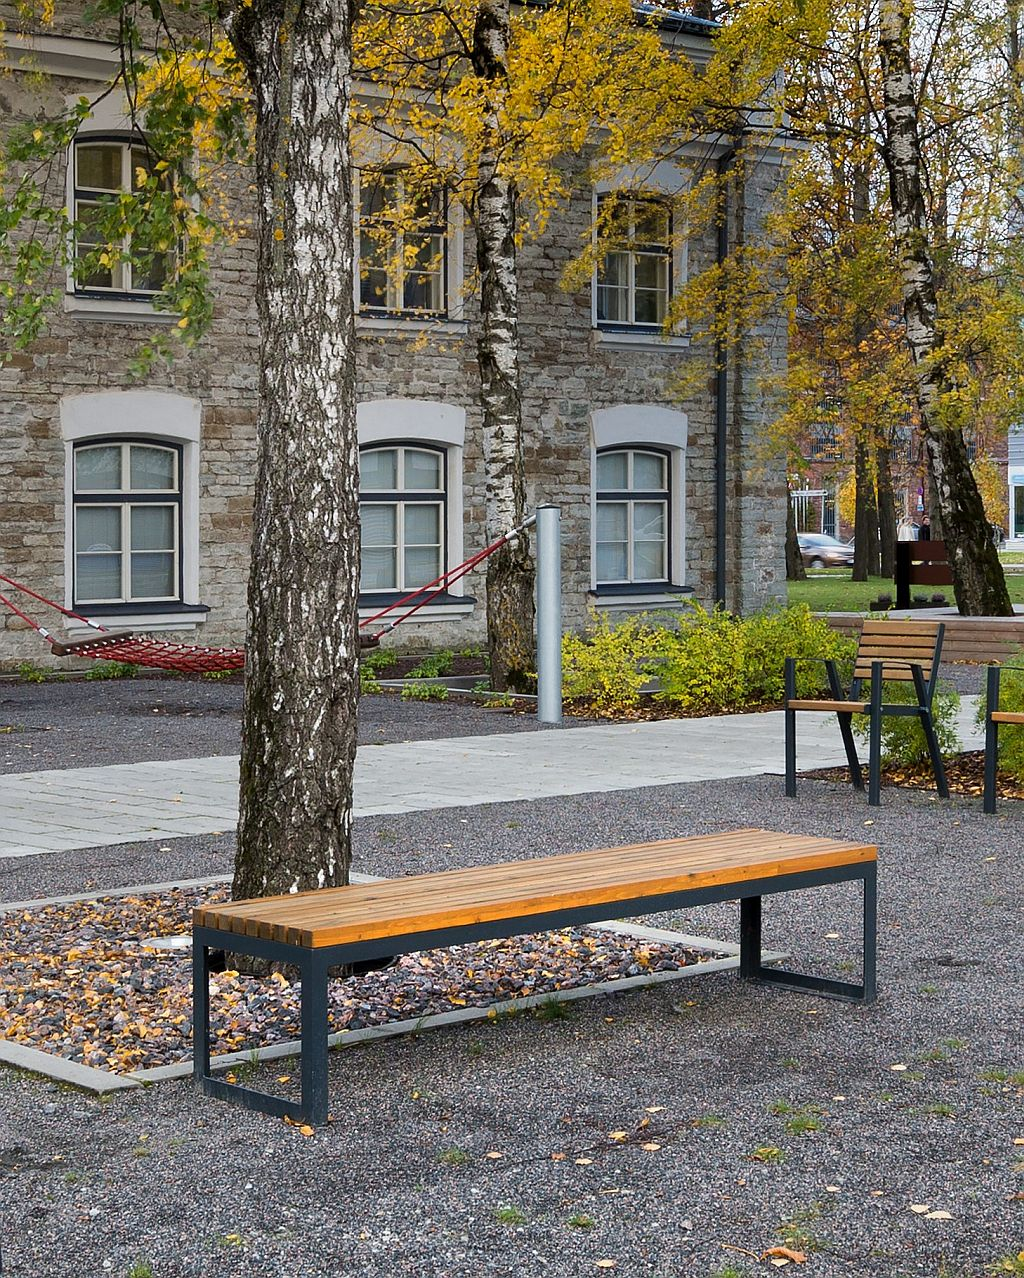 La fotografia mostra una panchina senza schienale club, all'esterno di un edificio storico.